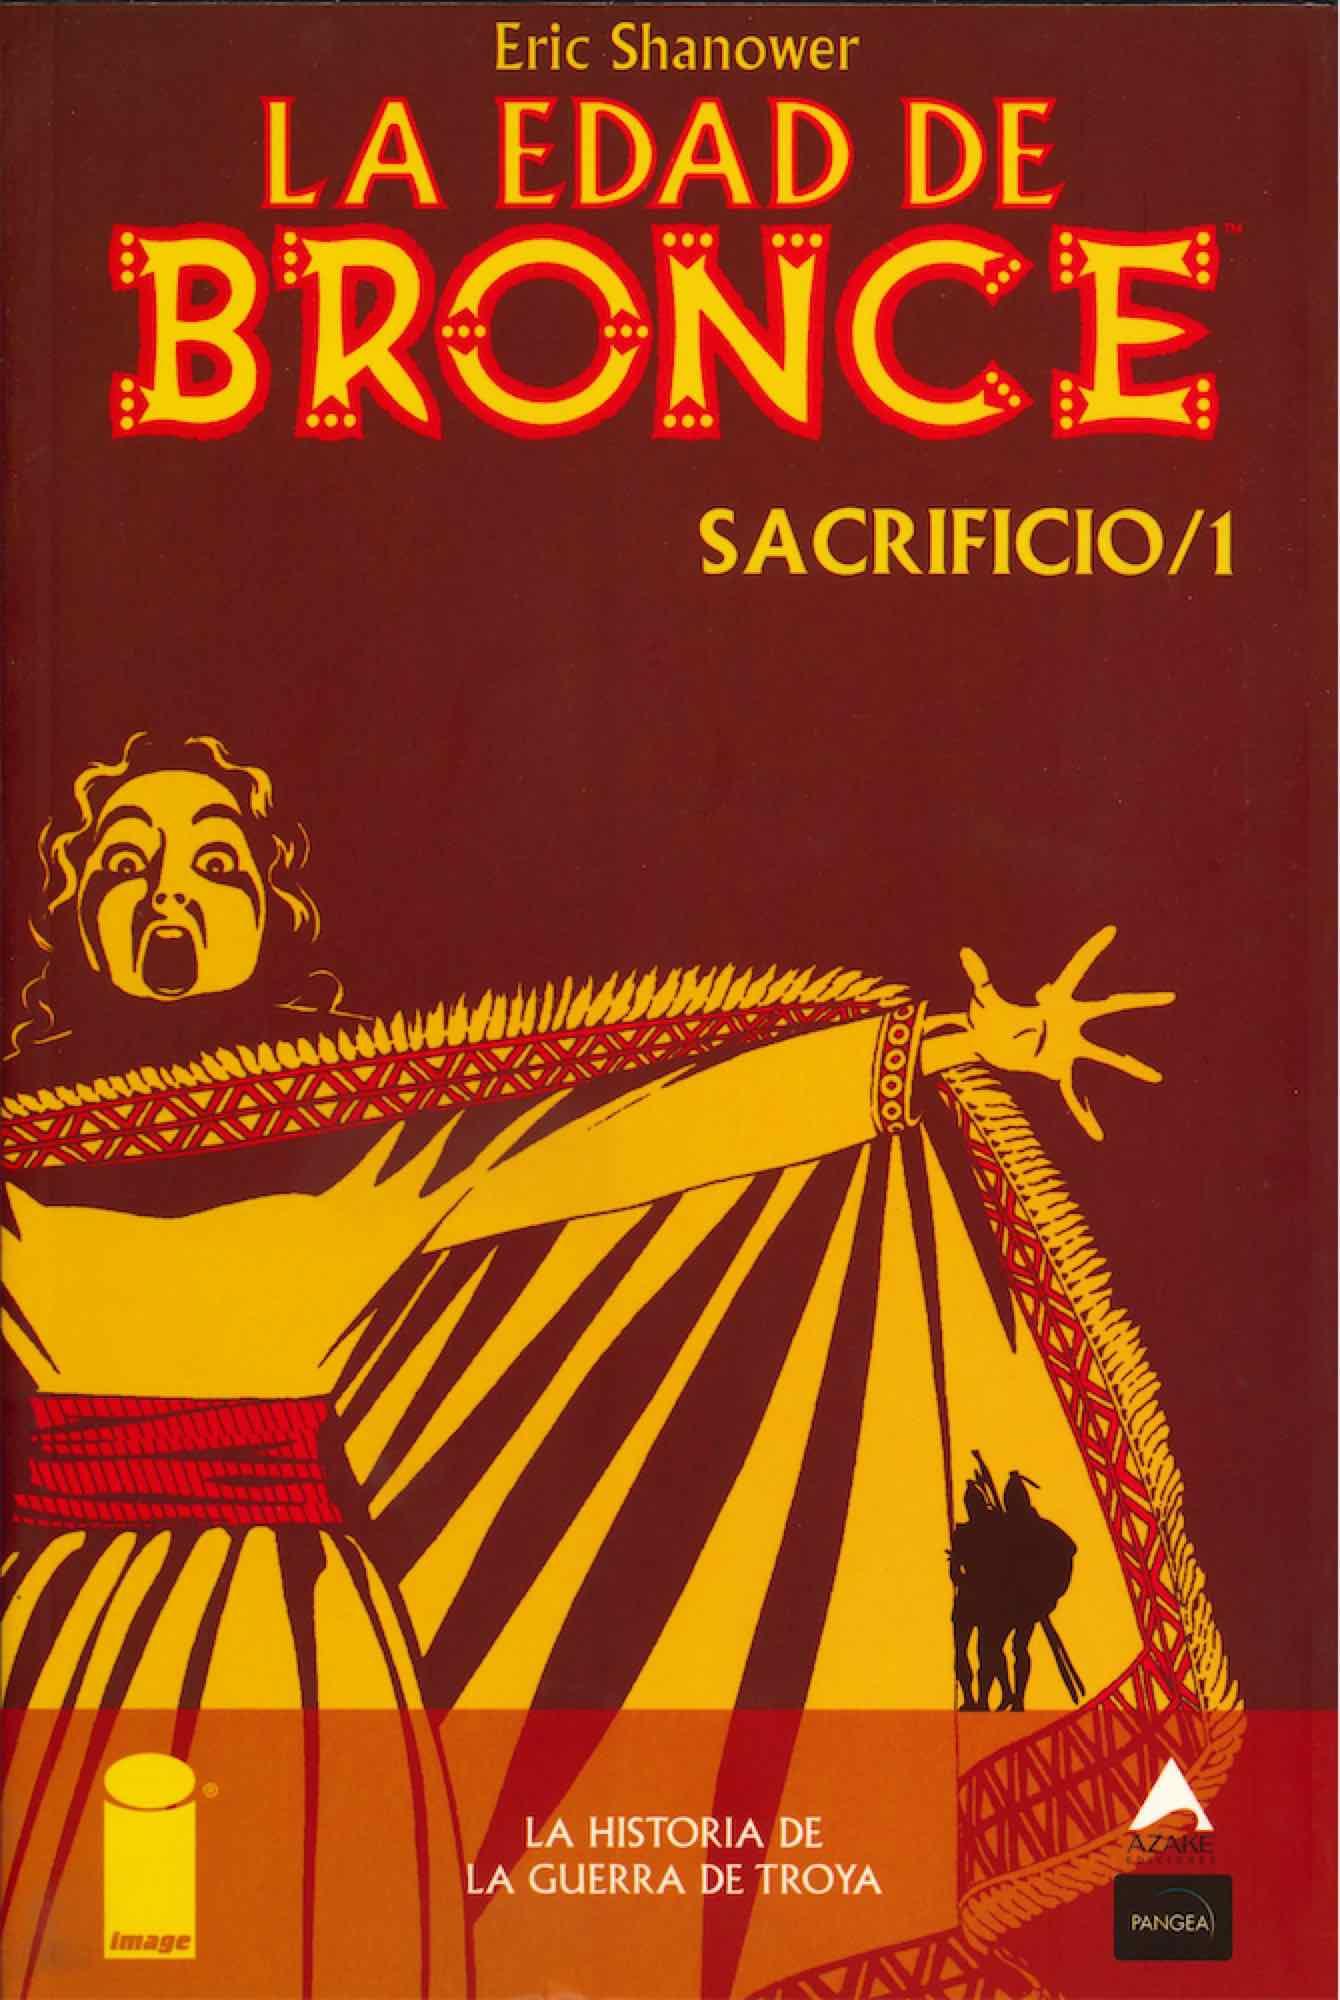 LA EDAD DE BRONCE 04. SACRIFICIO 1